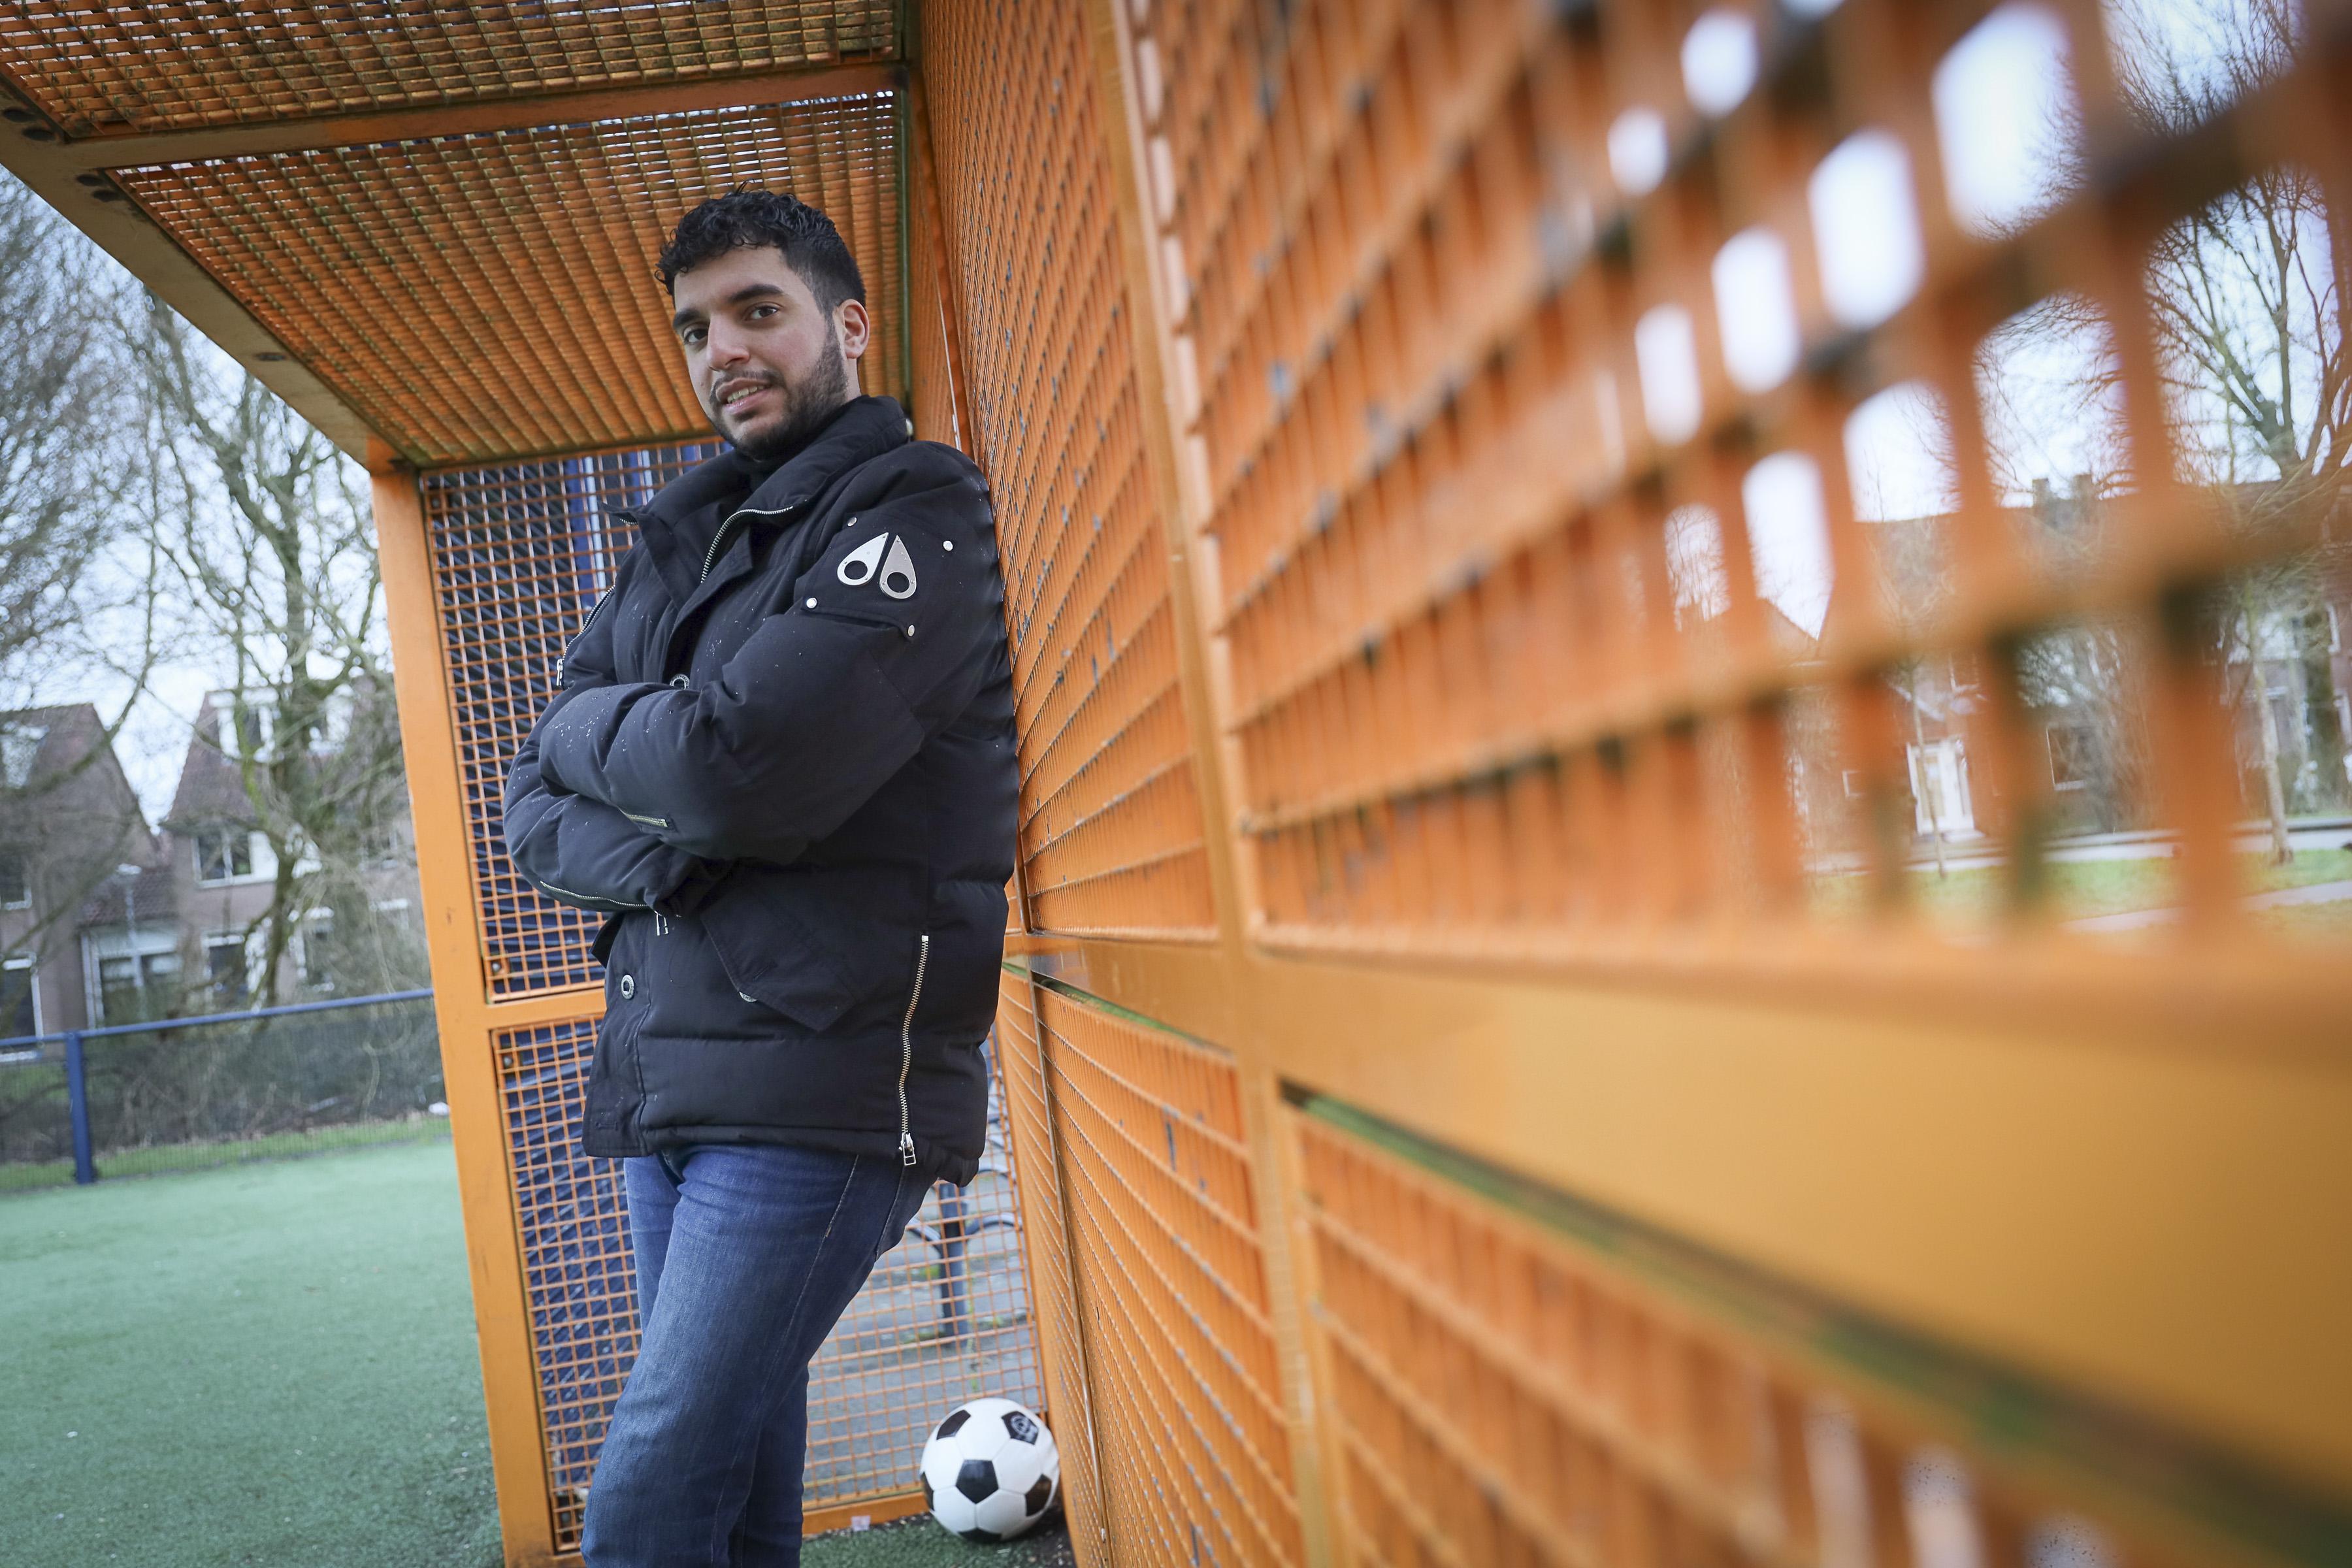 Rachid Uad durft groot te dromen: Jonge Hoornse voetbaltrainer wil binnen tien jaar werken in het linkerrijtje van de eredivisie